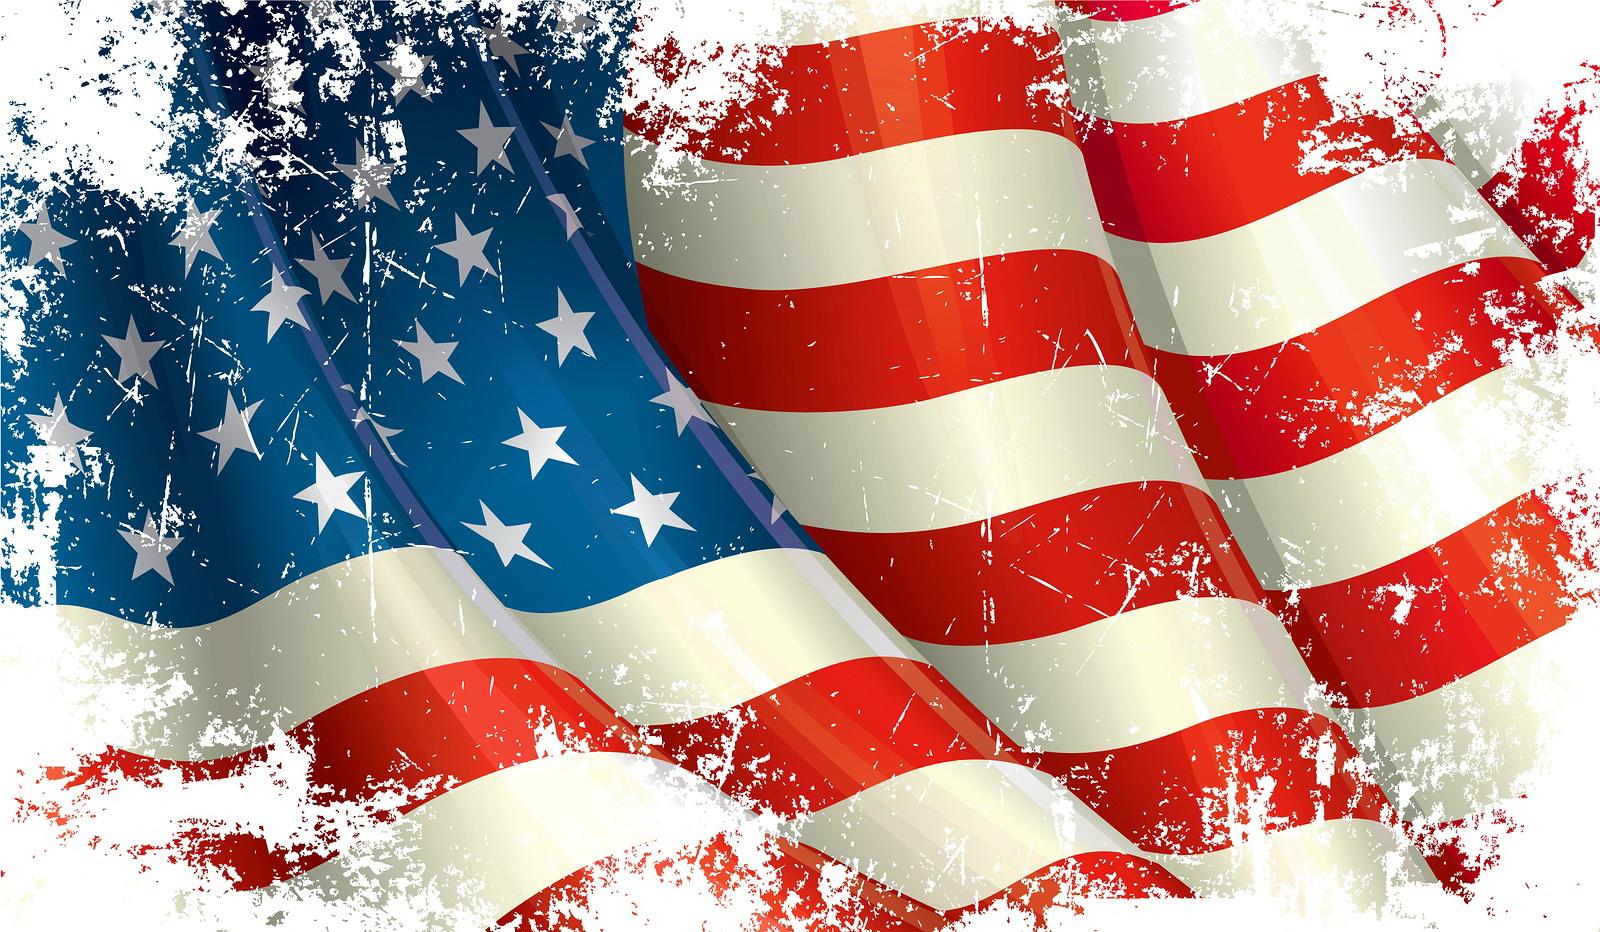 Us Flag Background Images   HashTag Bg 1600x932